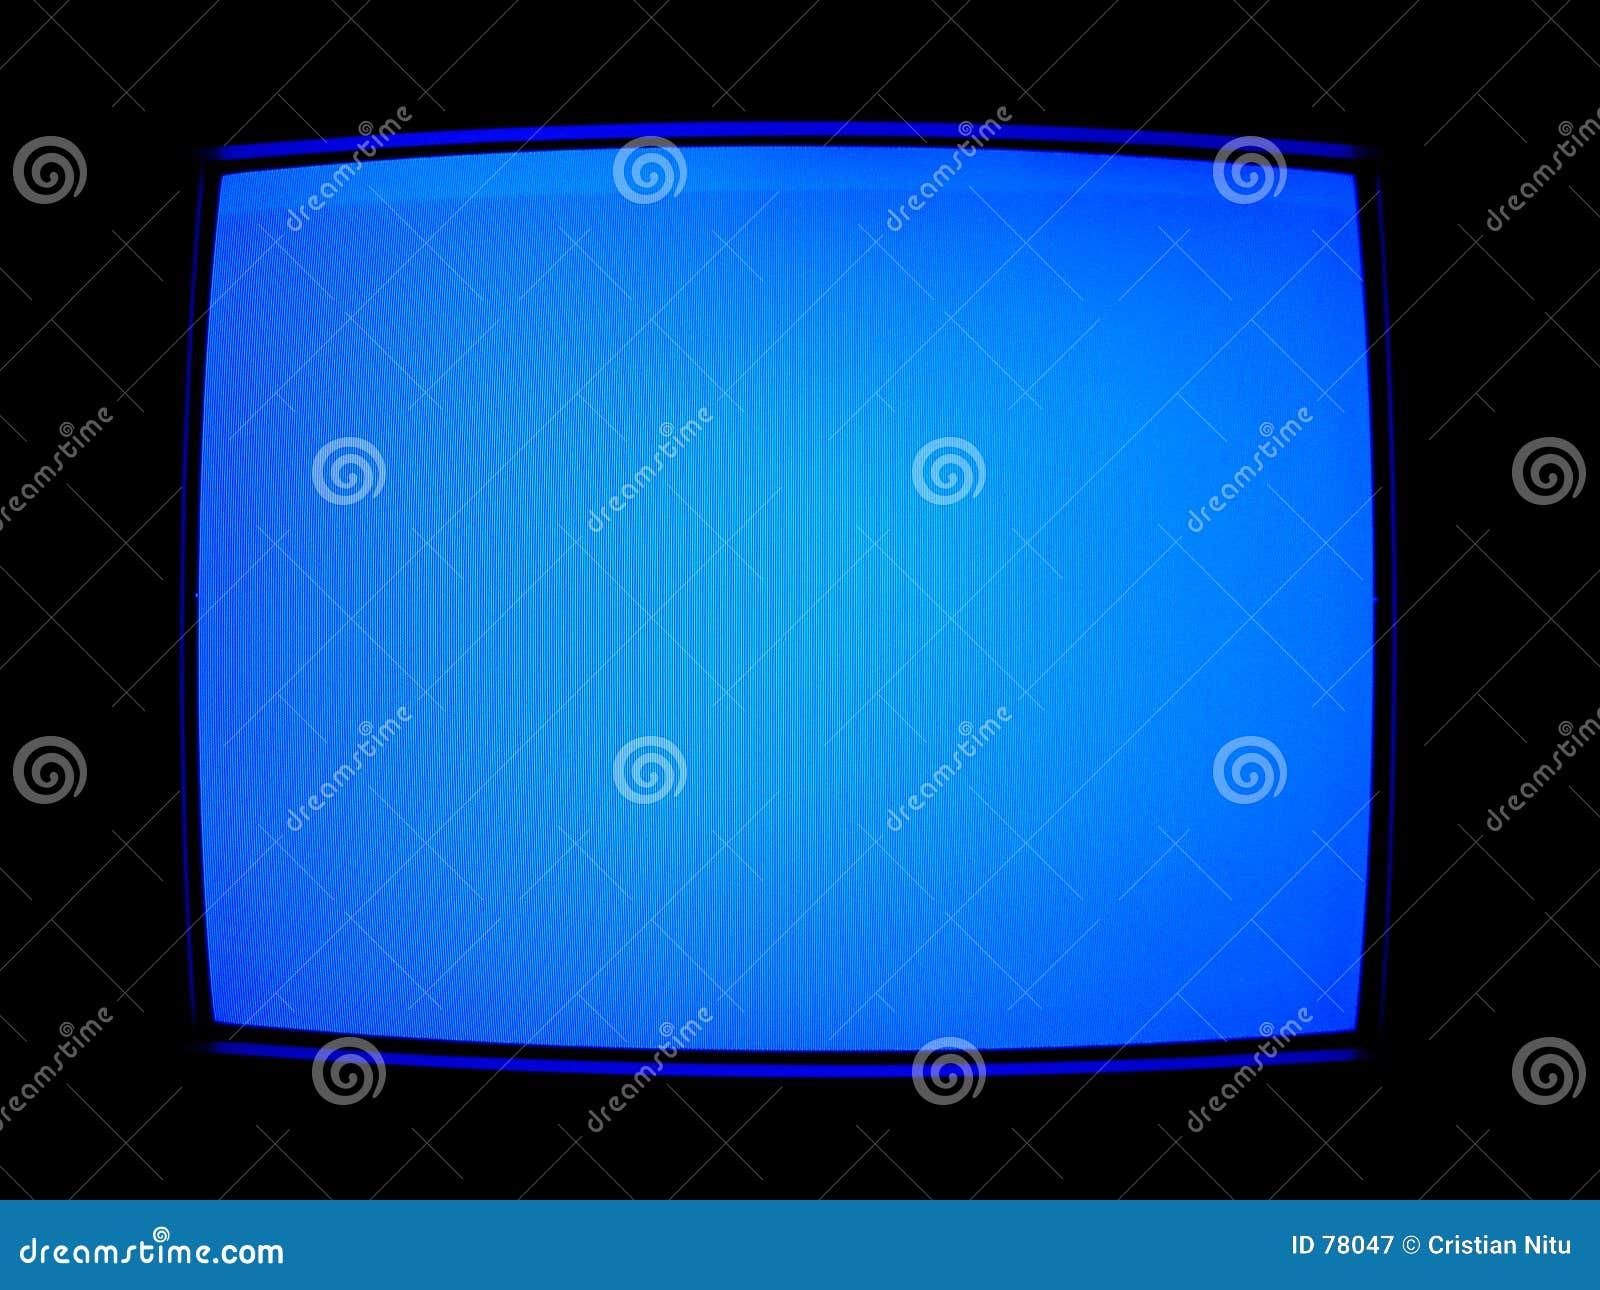 Blauer Fernsehbildschirm